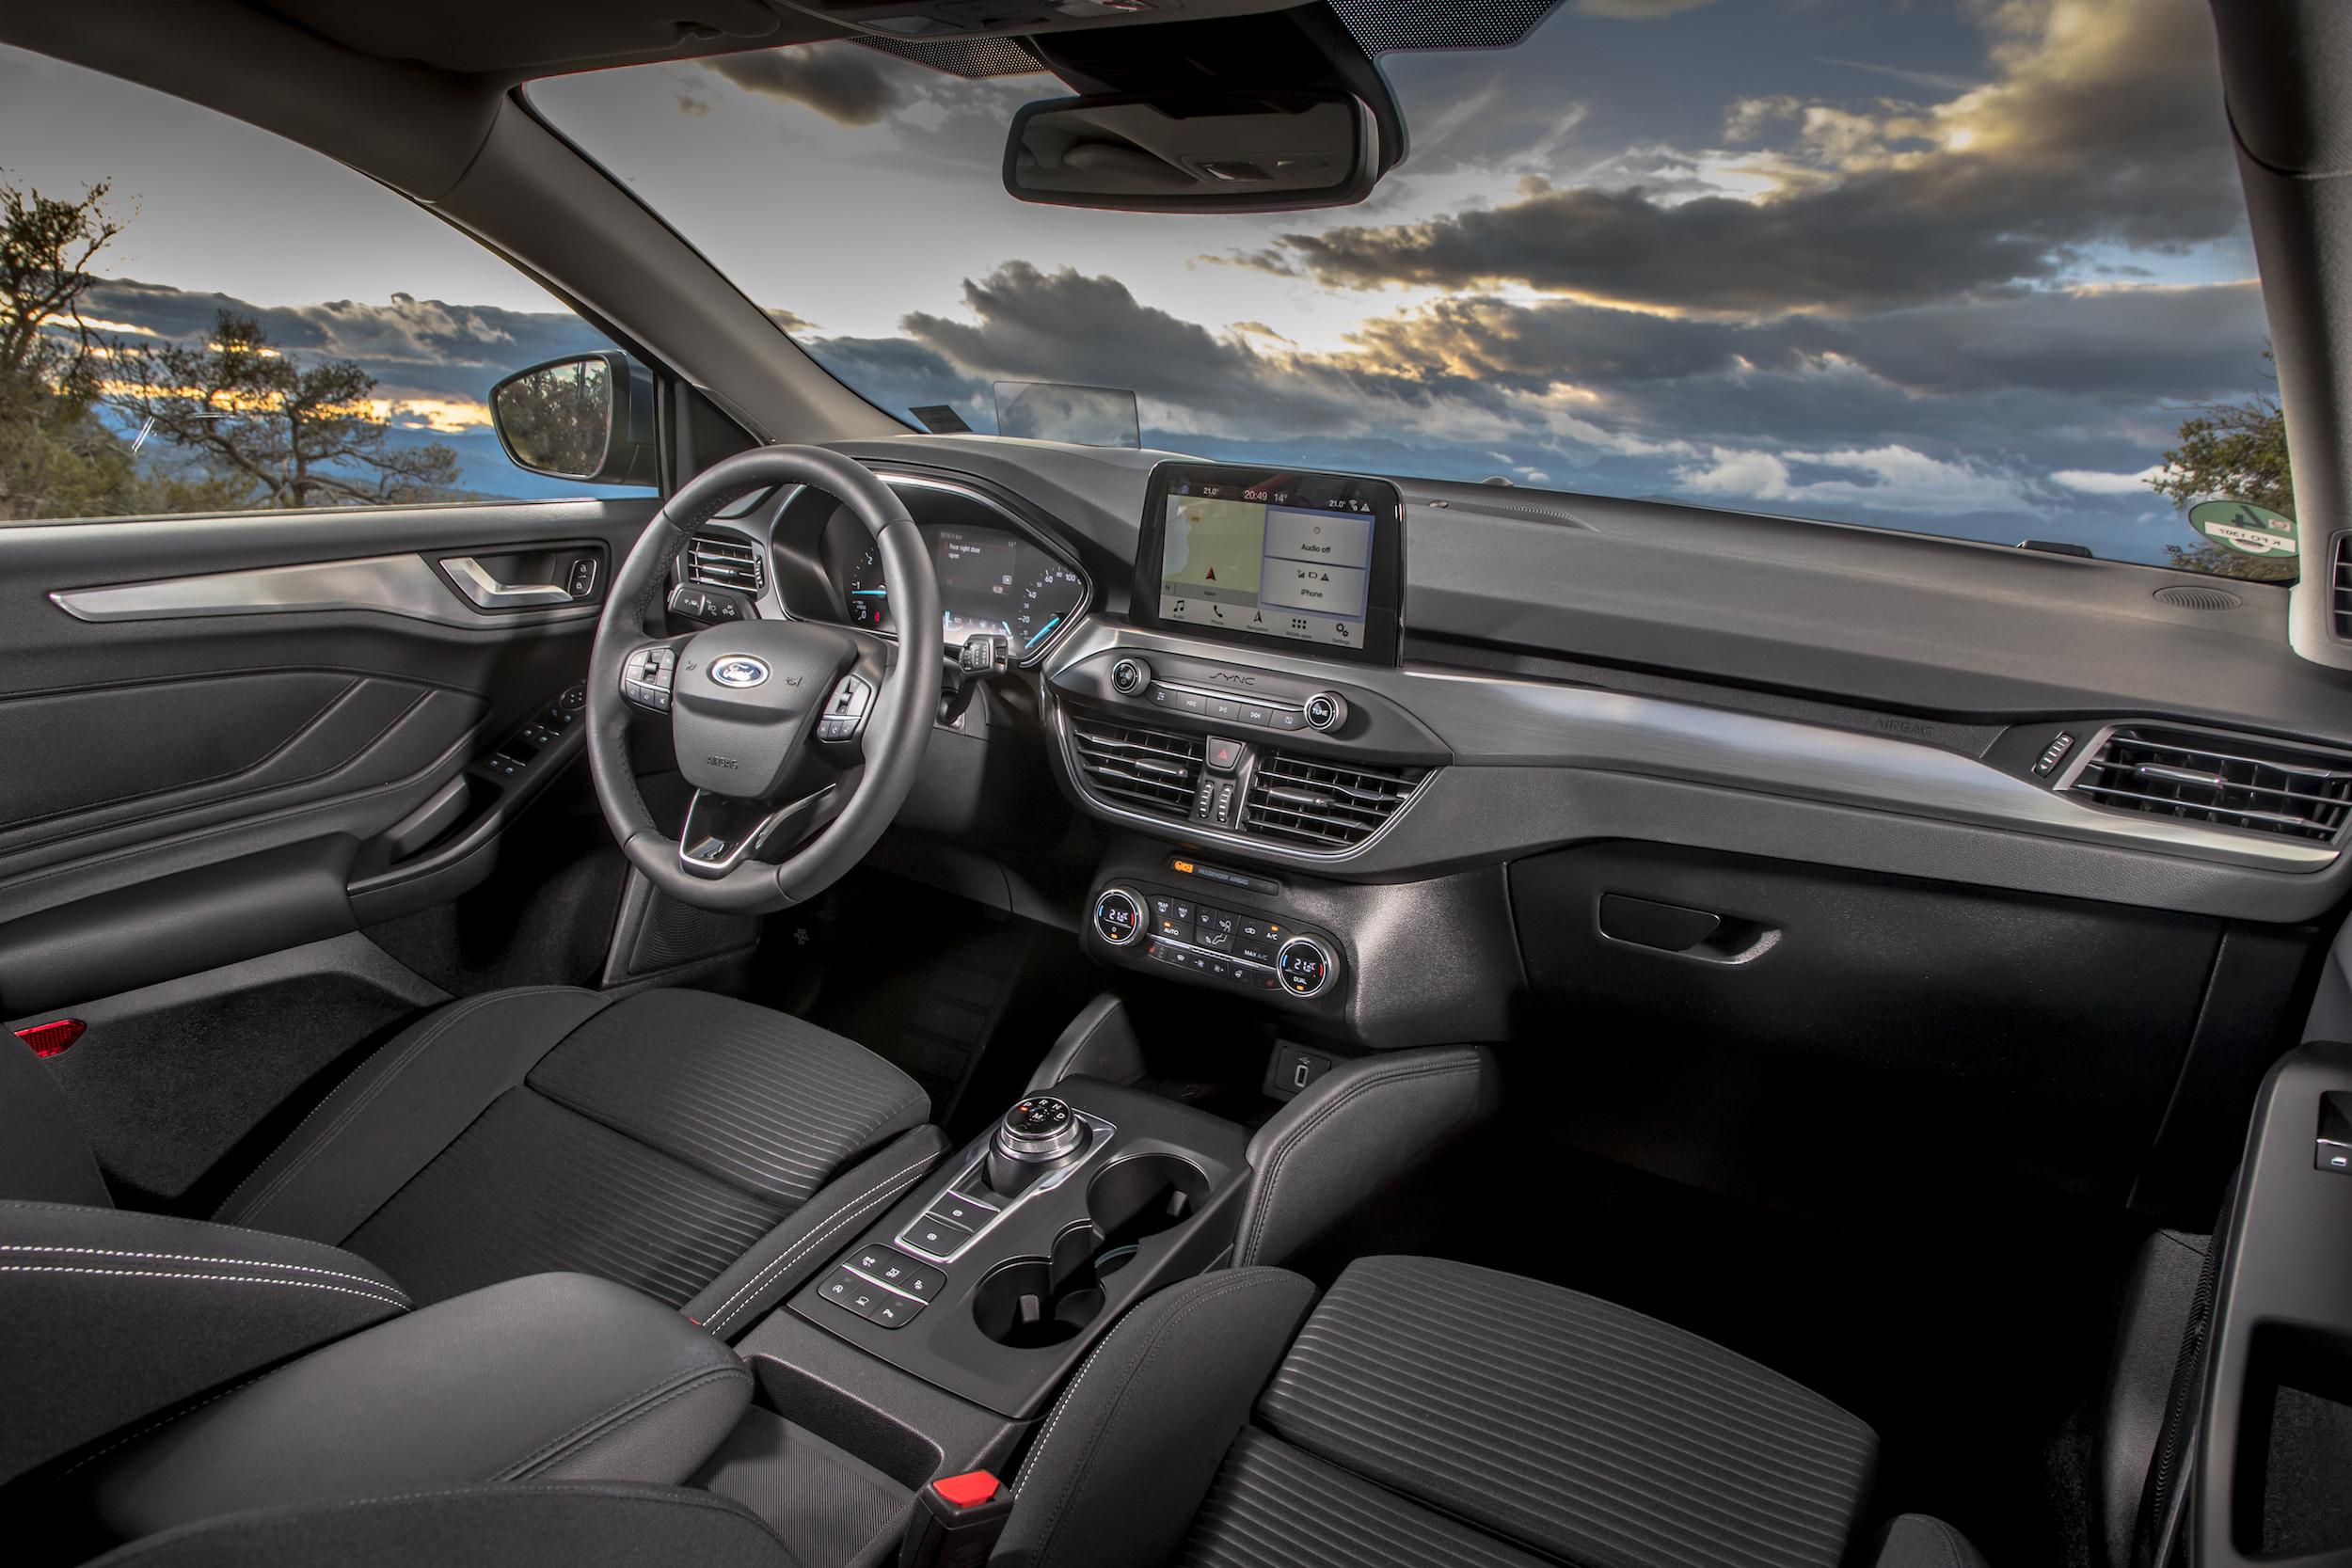 interieur ford Focus titanium 2018